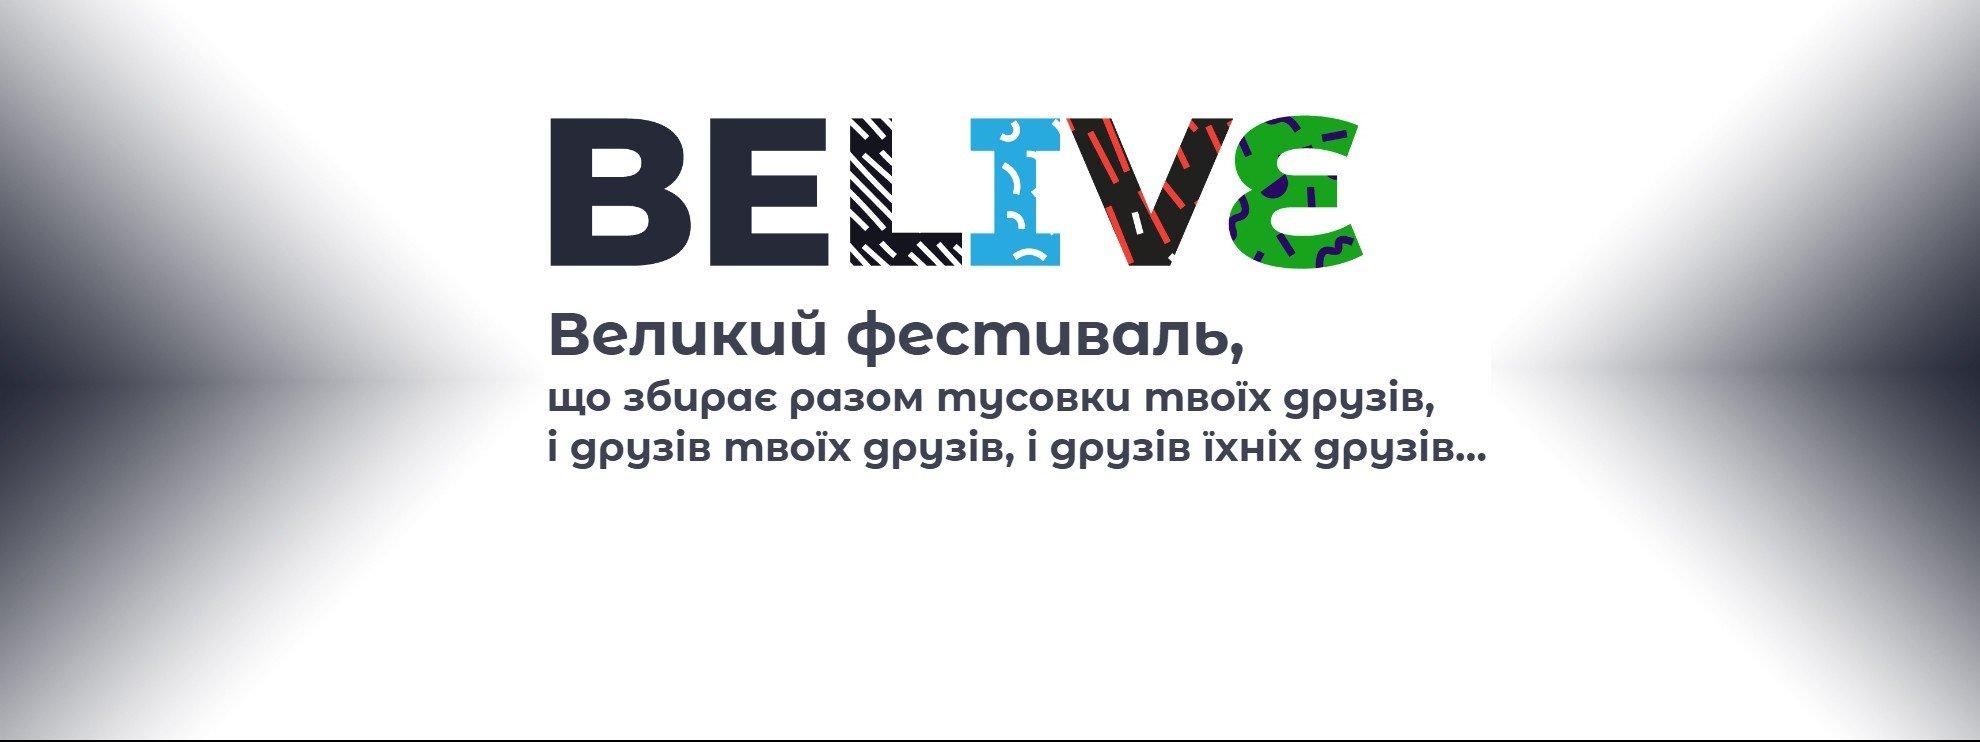 событие BeLive (БиЛив)